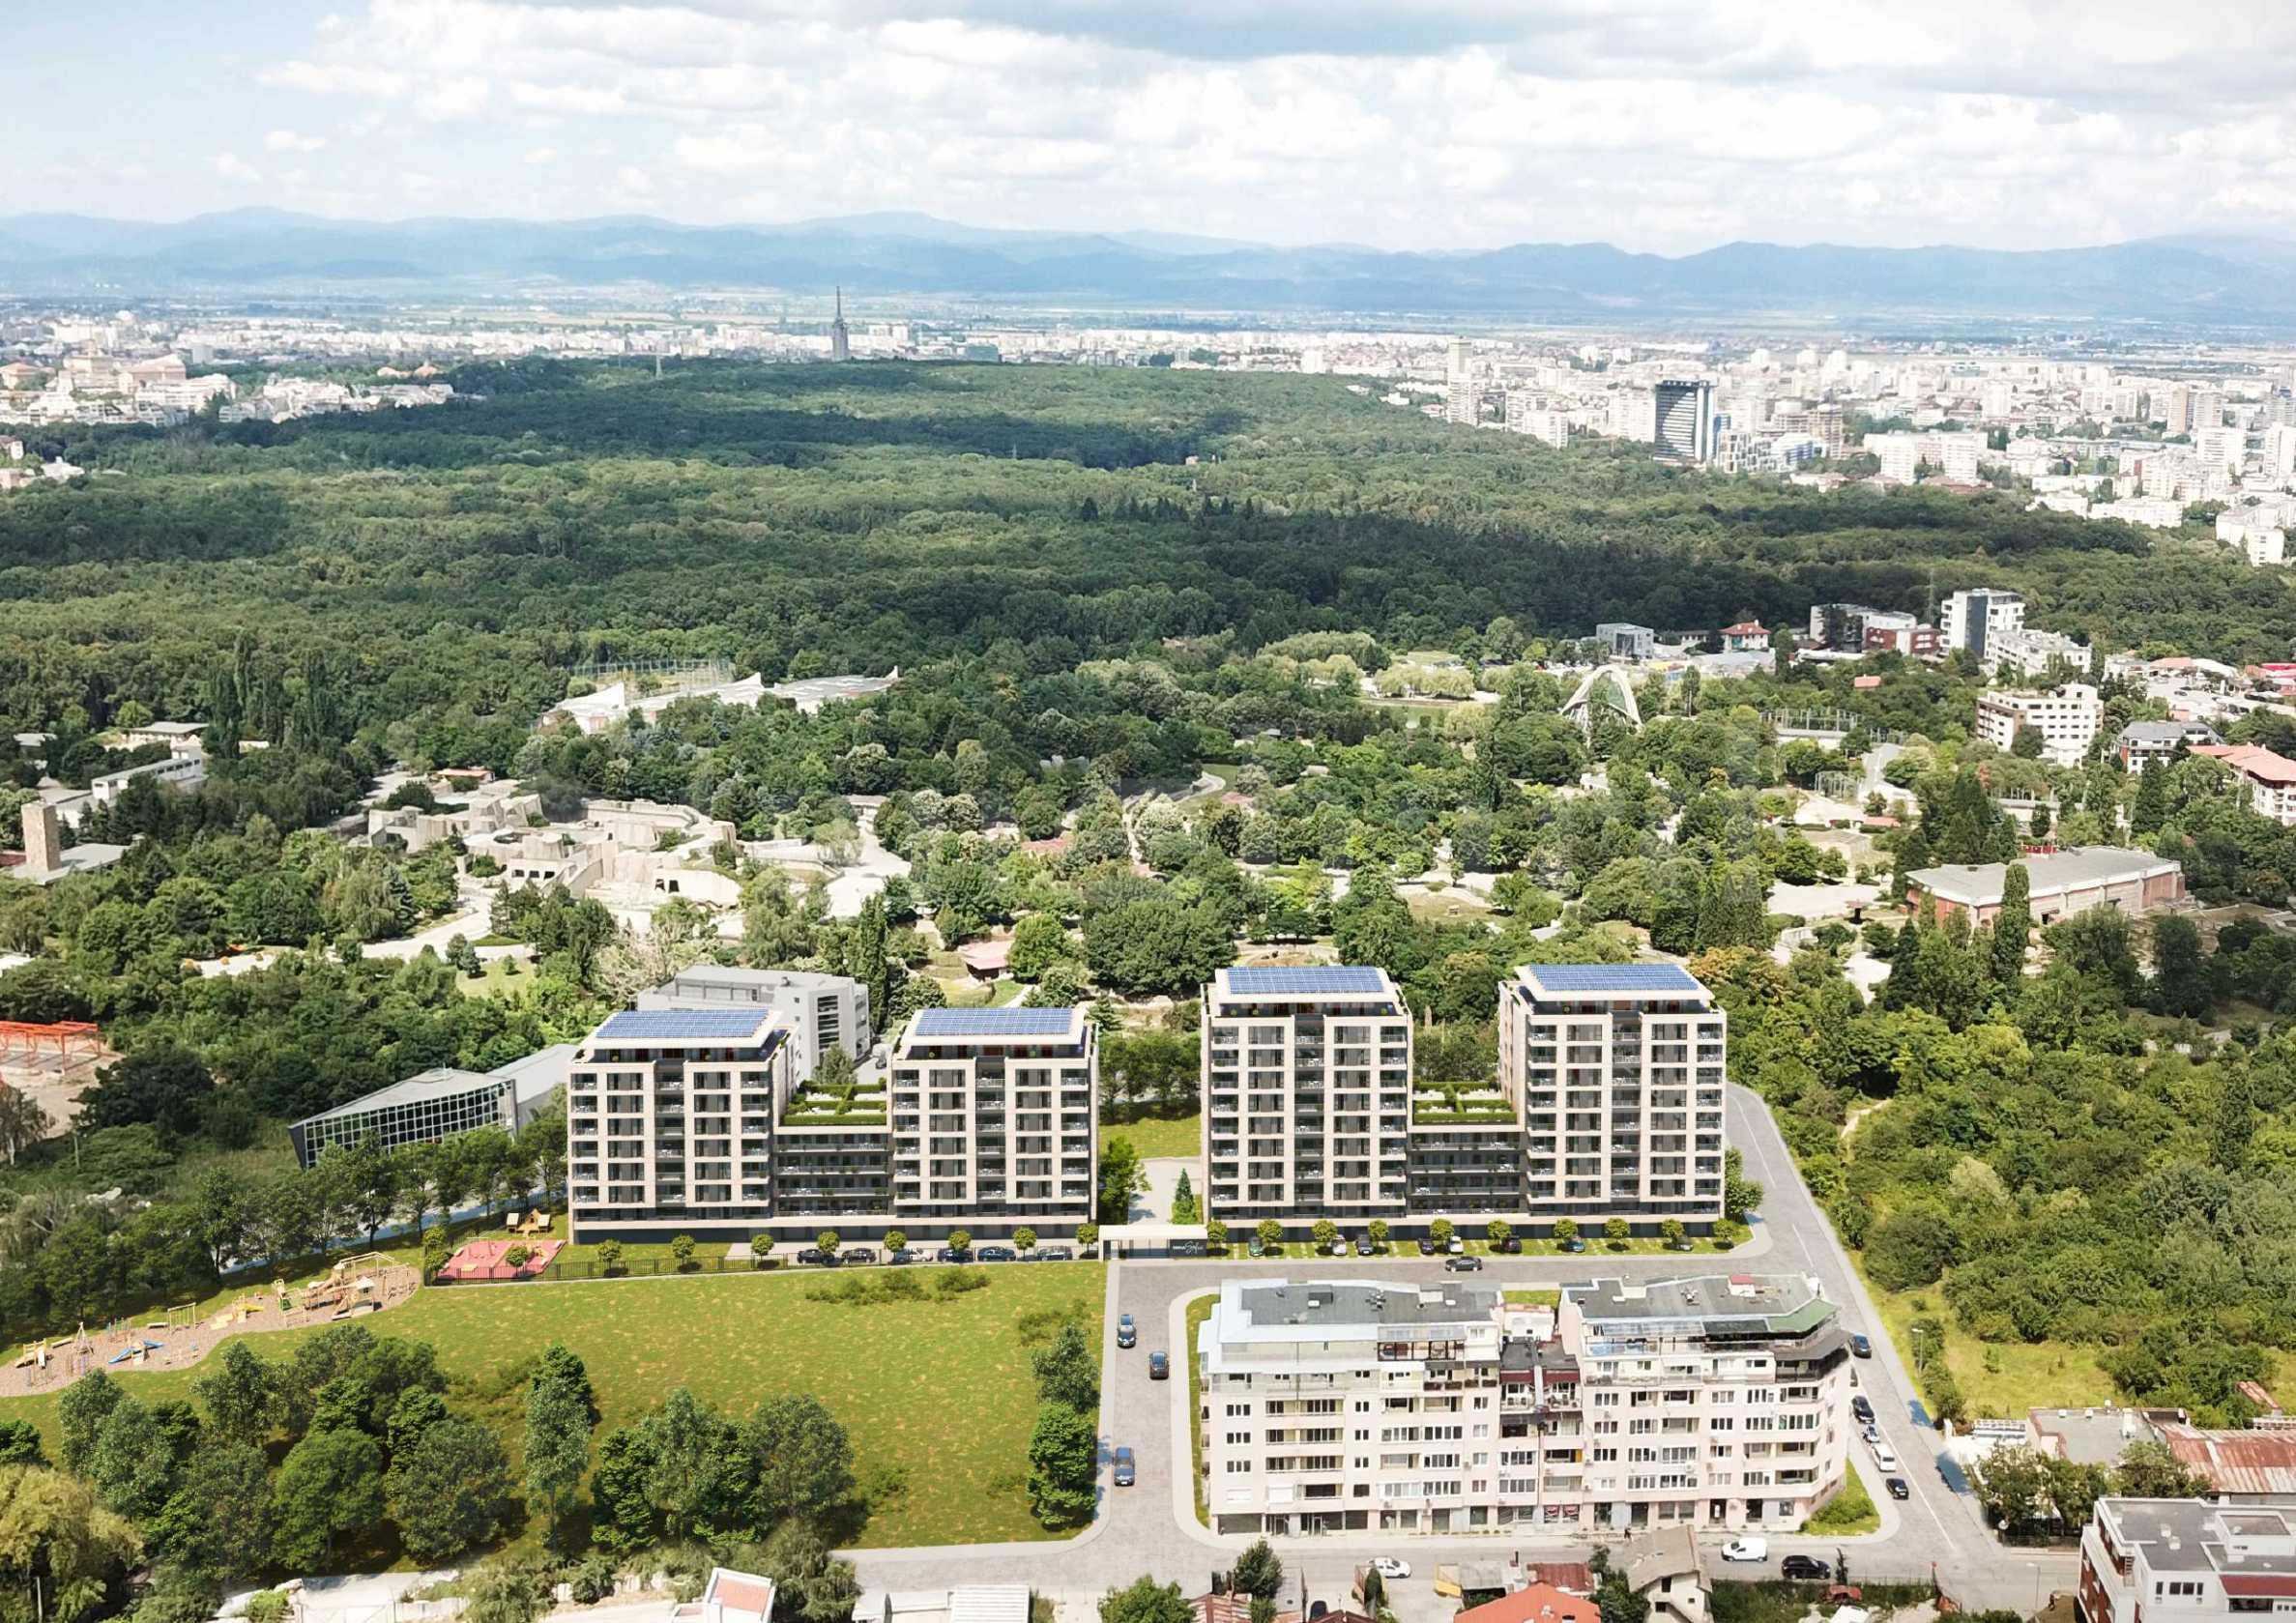 Голям жилищен комплекс със зелени площи до Ловен парк - Борисова градина1 - Stonehard